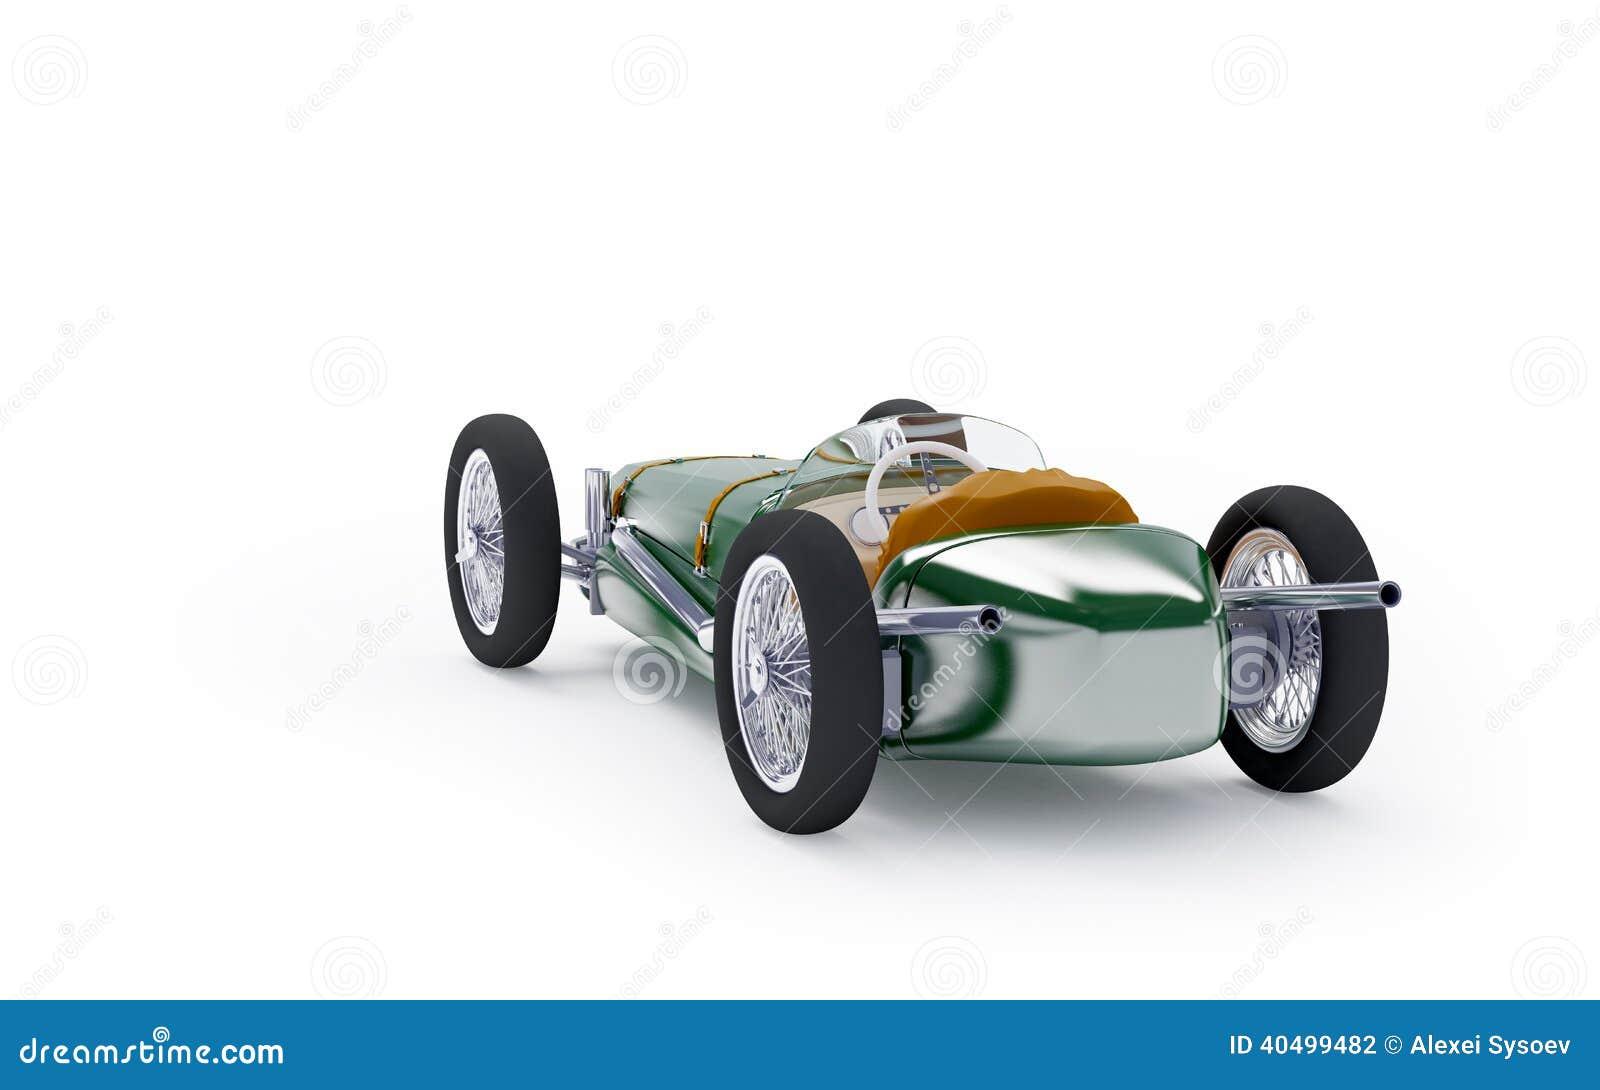 Photos de voitures de course vintage